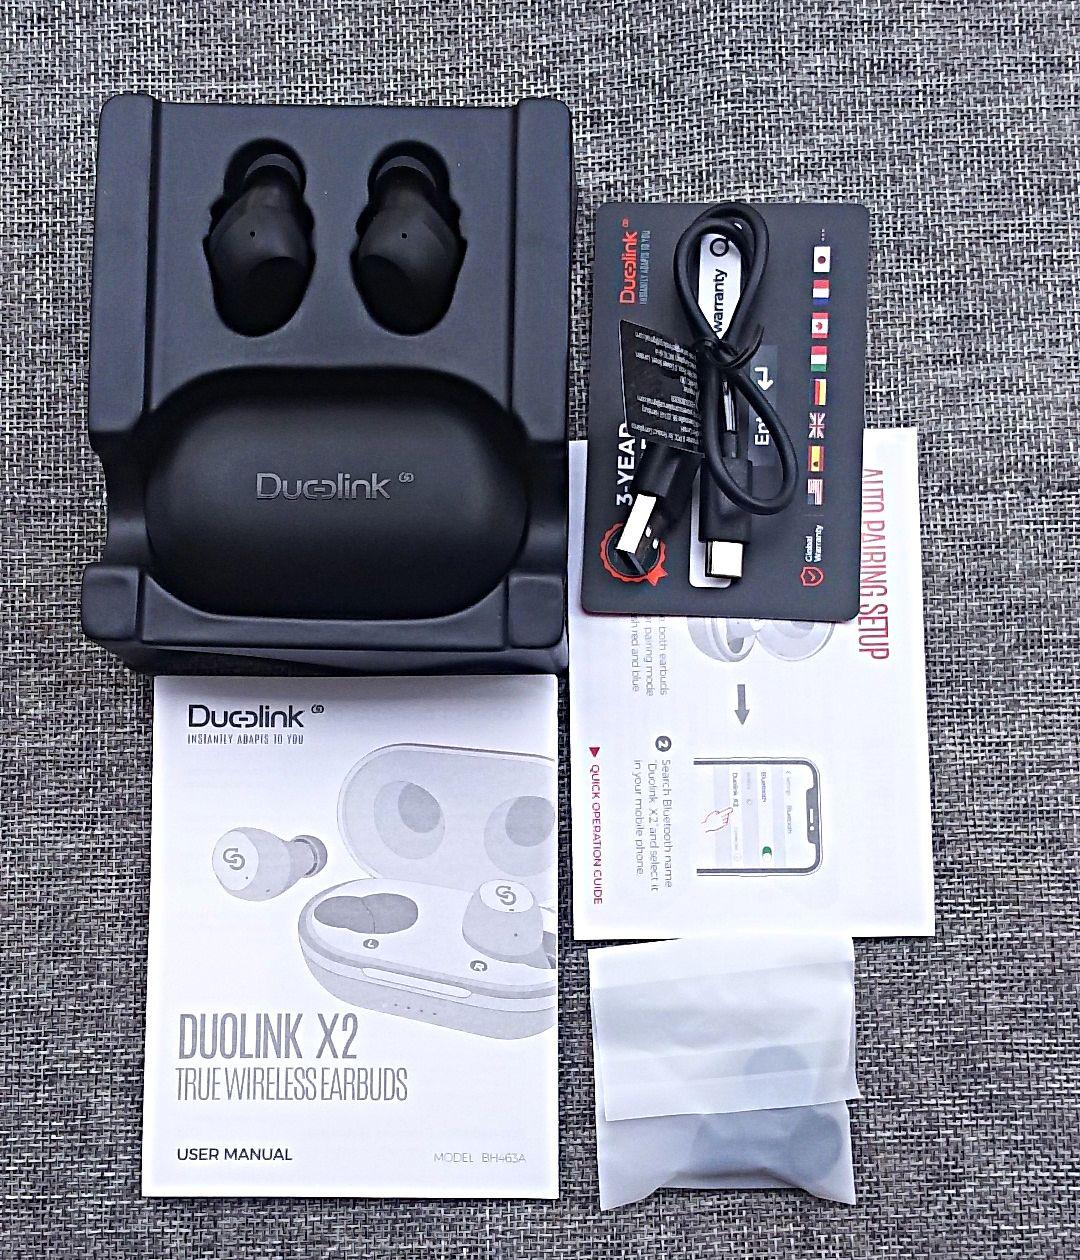 再次到货!Duolink X2 旗舰款 tws